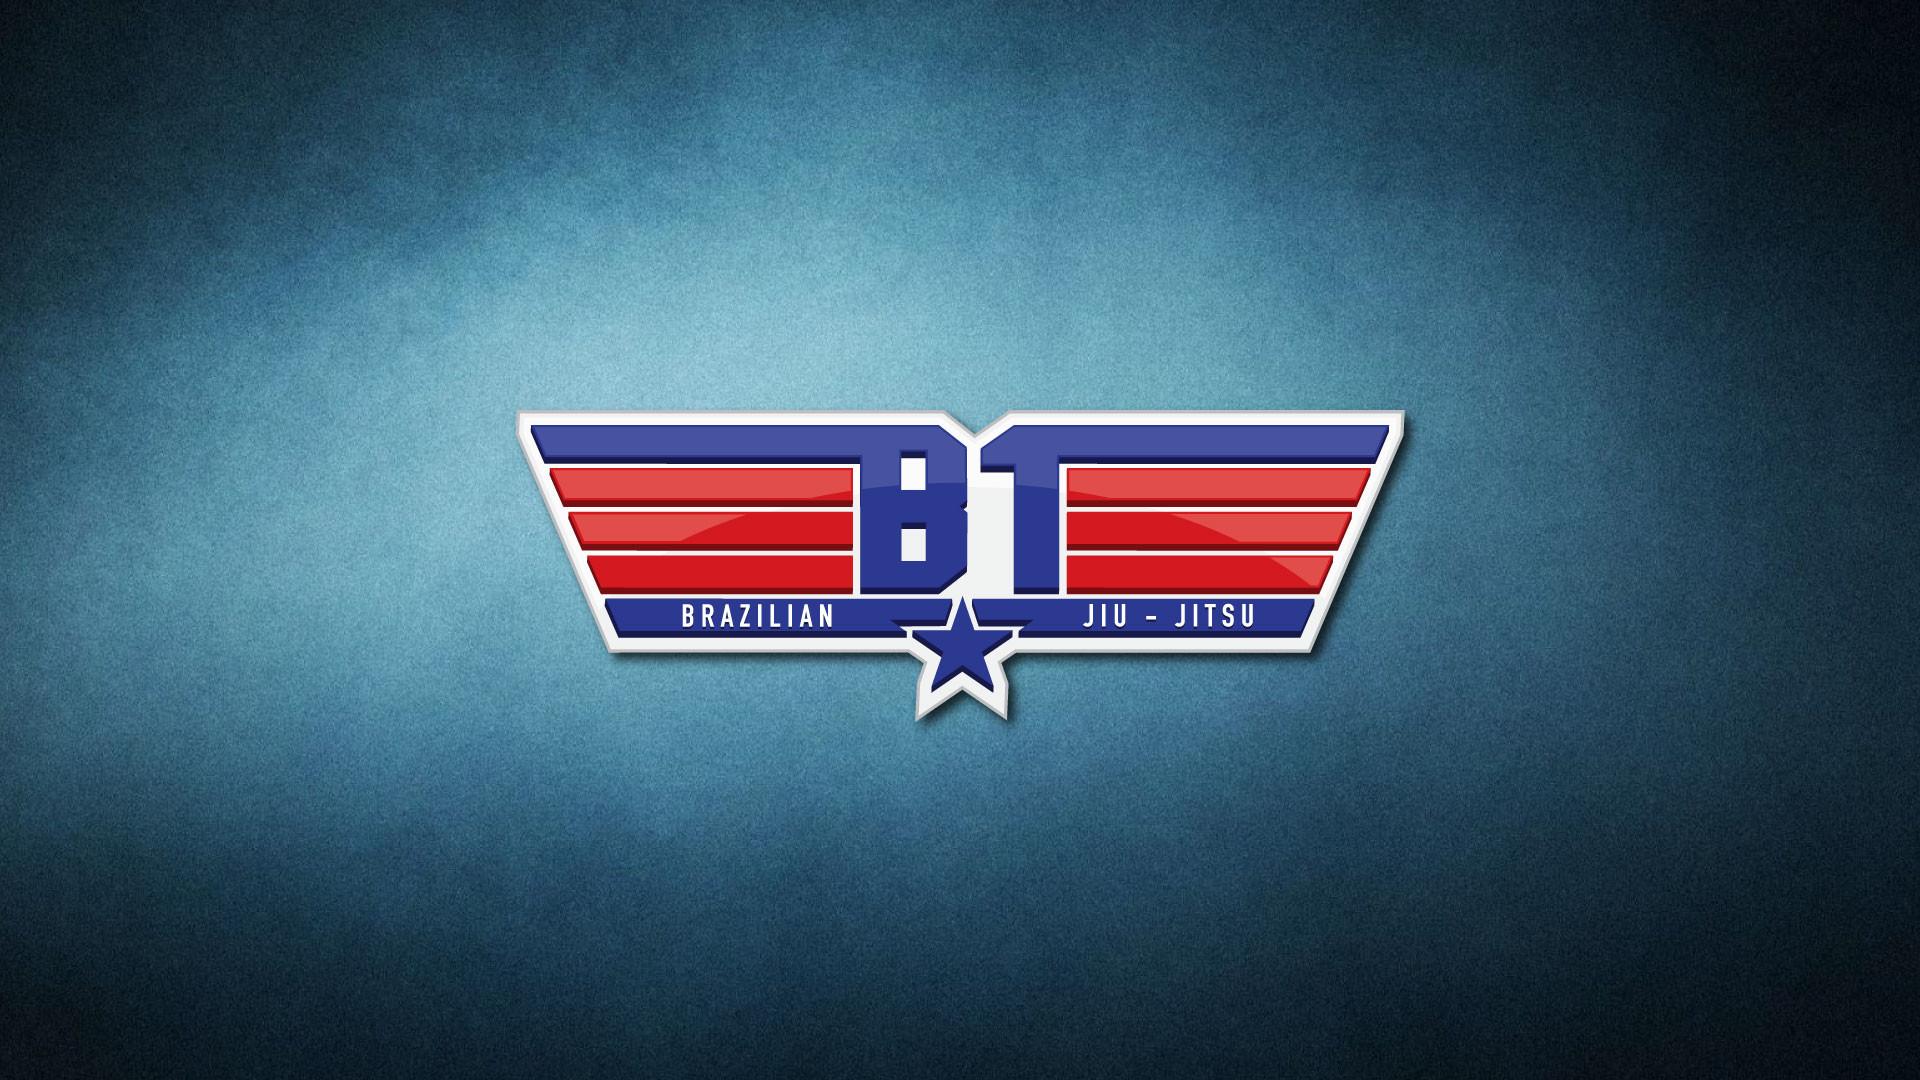 B1 TOP GUN WALLPAPER